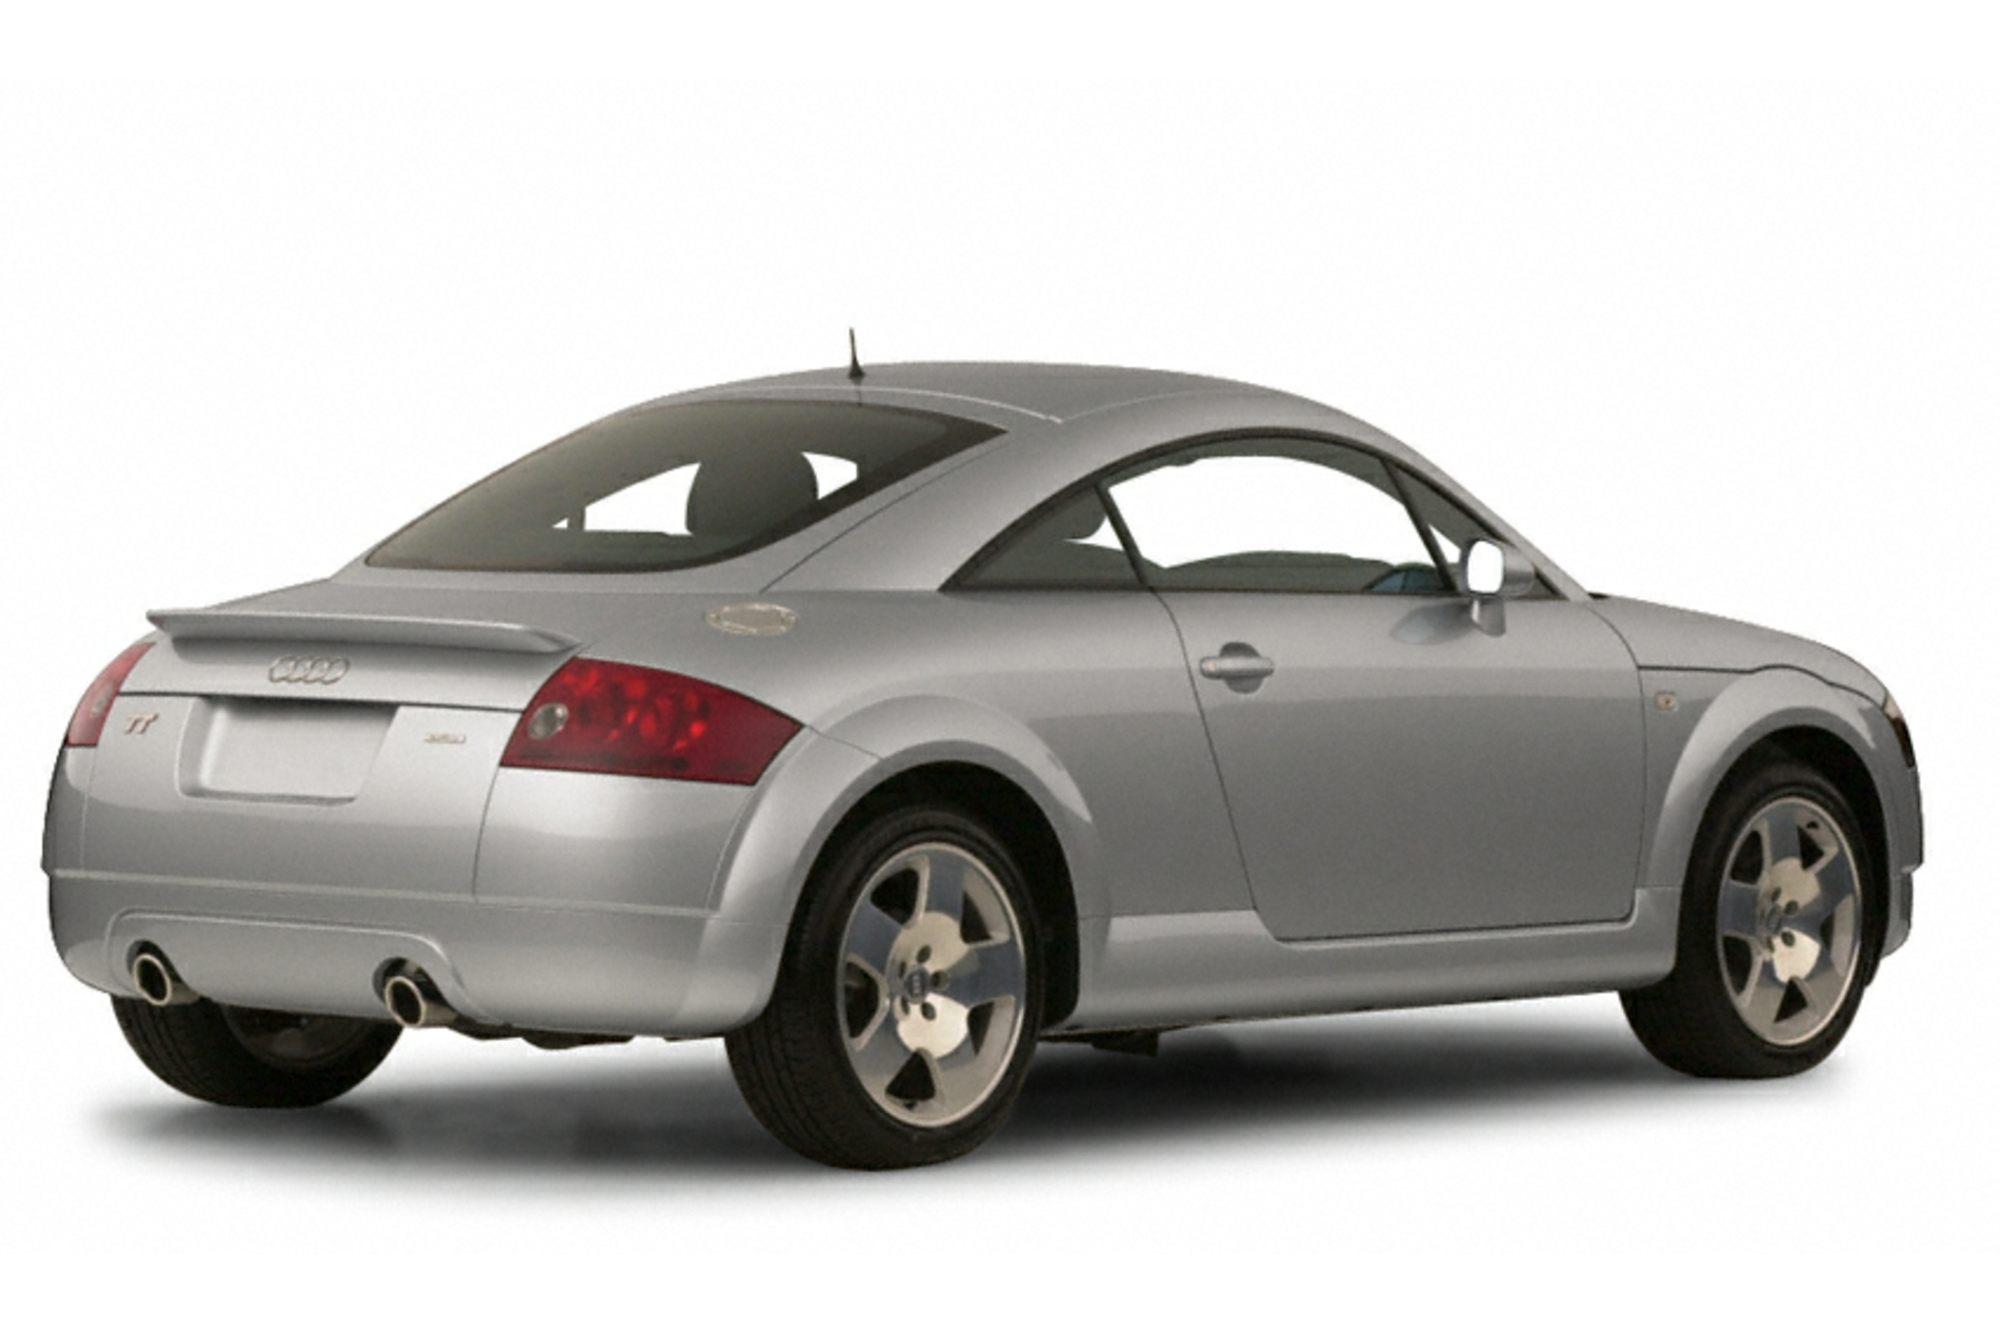 1998-2001 Audi A4, A6, A8 and TT: Recall Alert